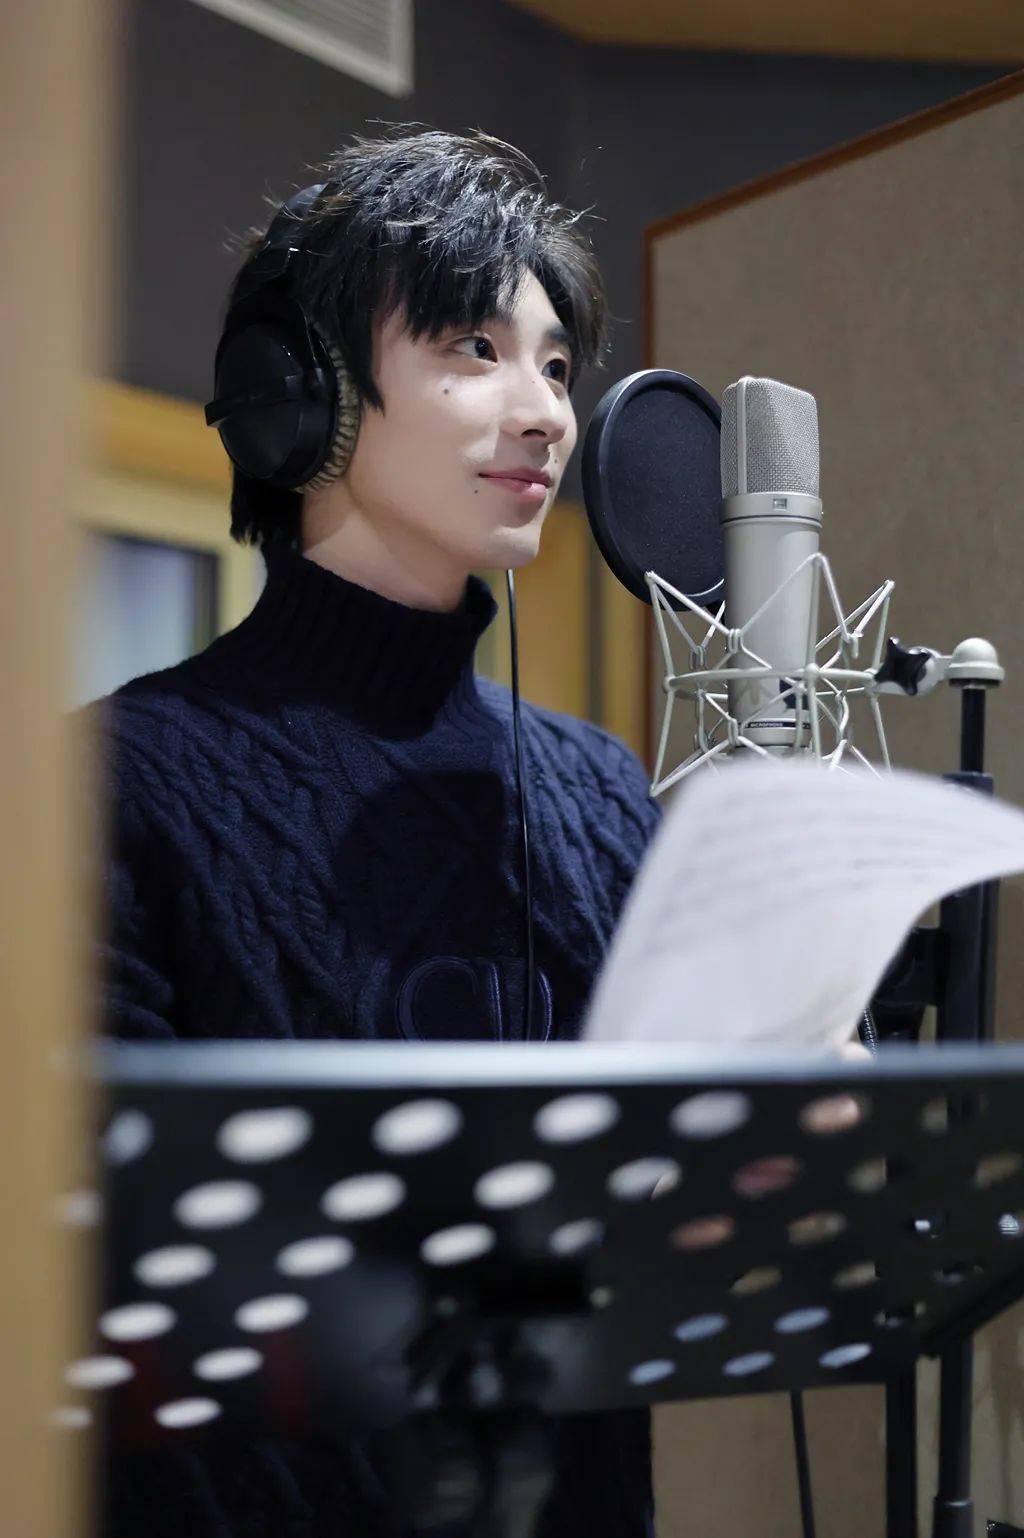 蔡程昱:我一直在探寻让更多观众欣赏古典音乐的路径